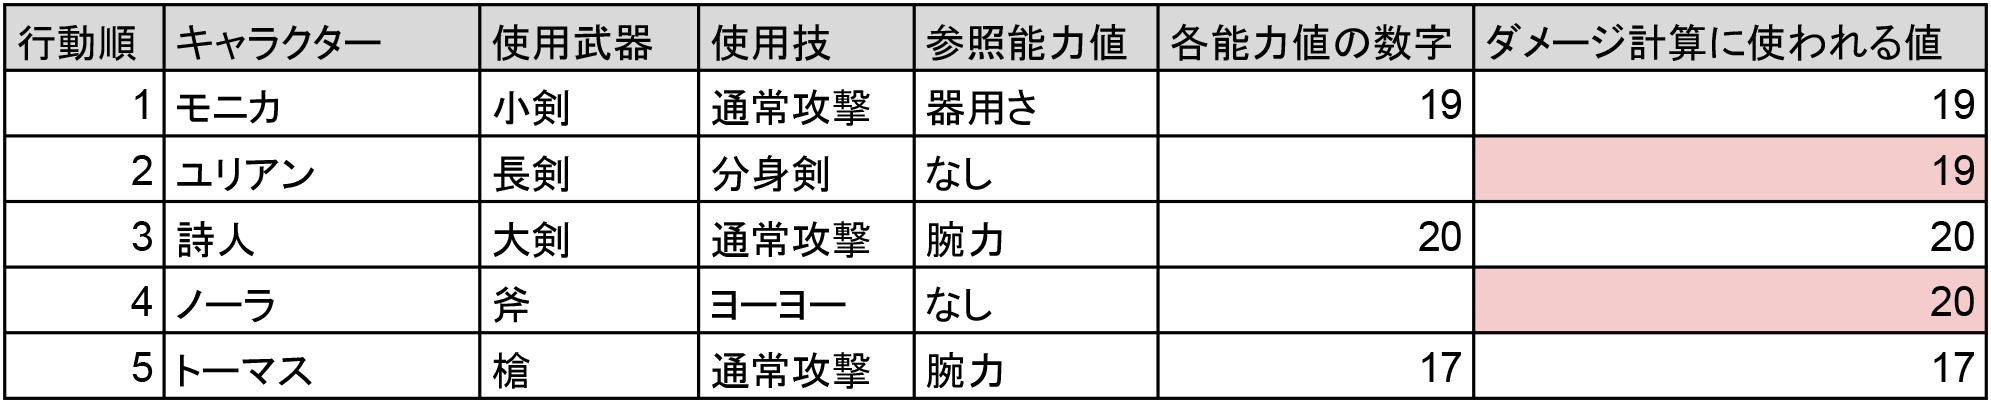 ロマンシングサ ガ 3 技 派生